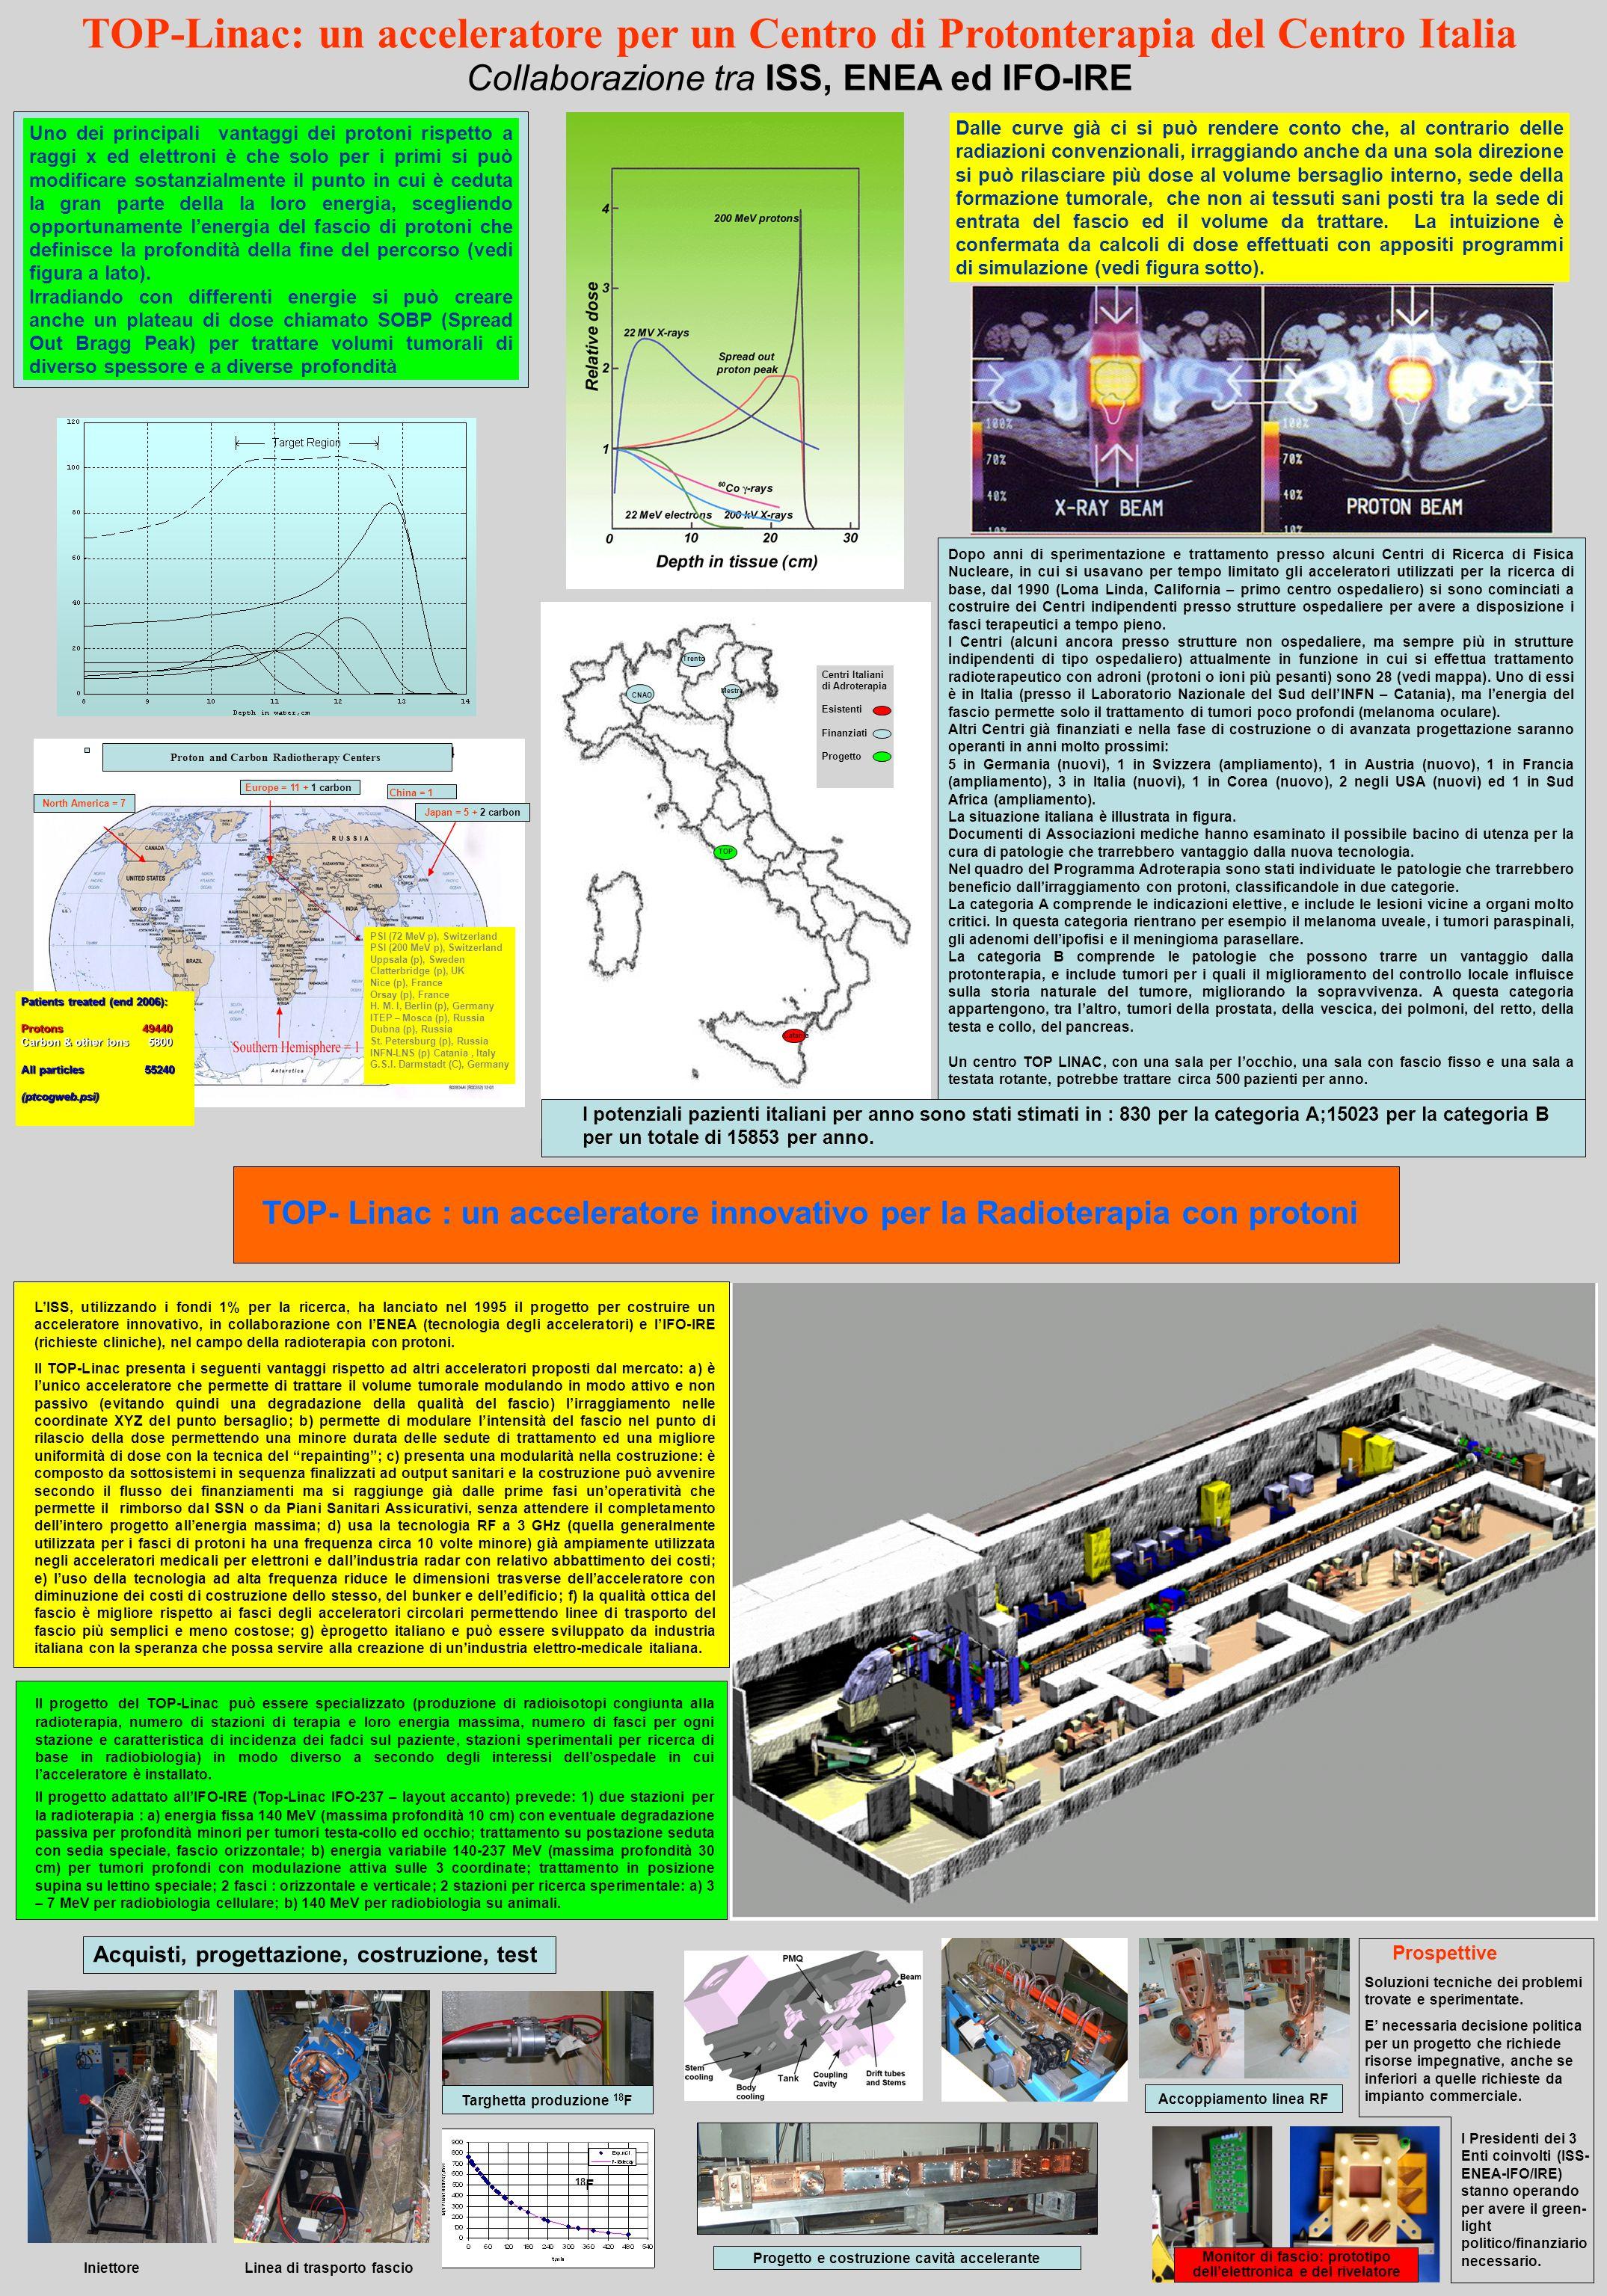 TOP-Linac: un acceleratore per un Centro di Protonterapia del Centro Italia